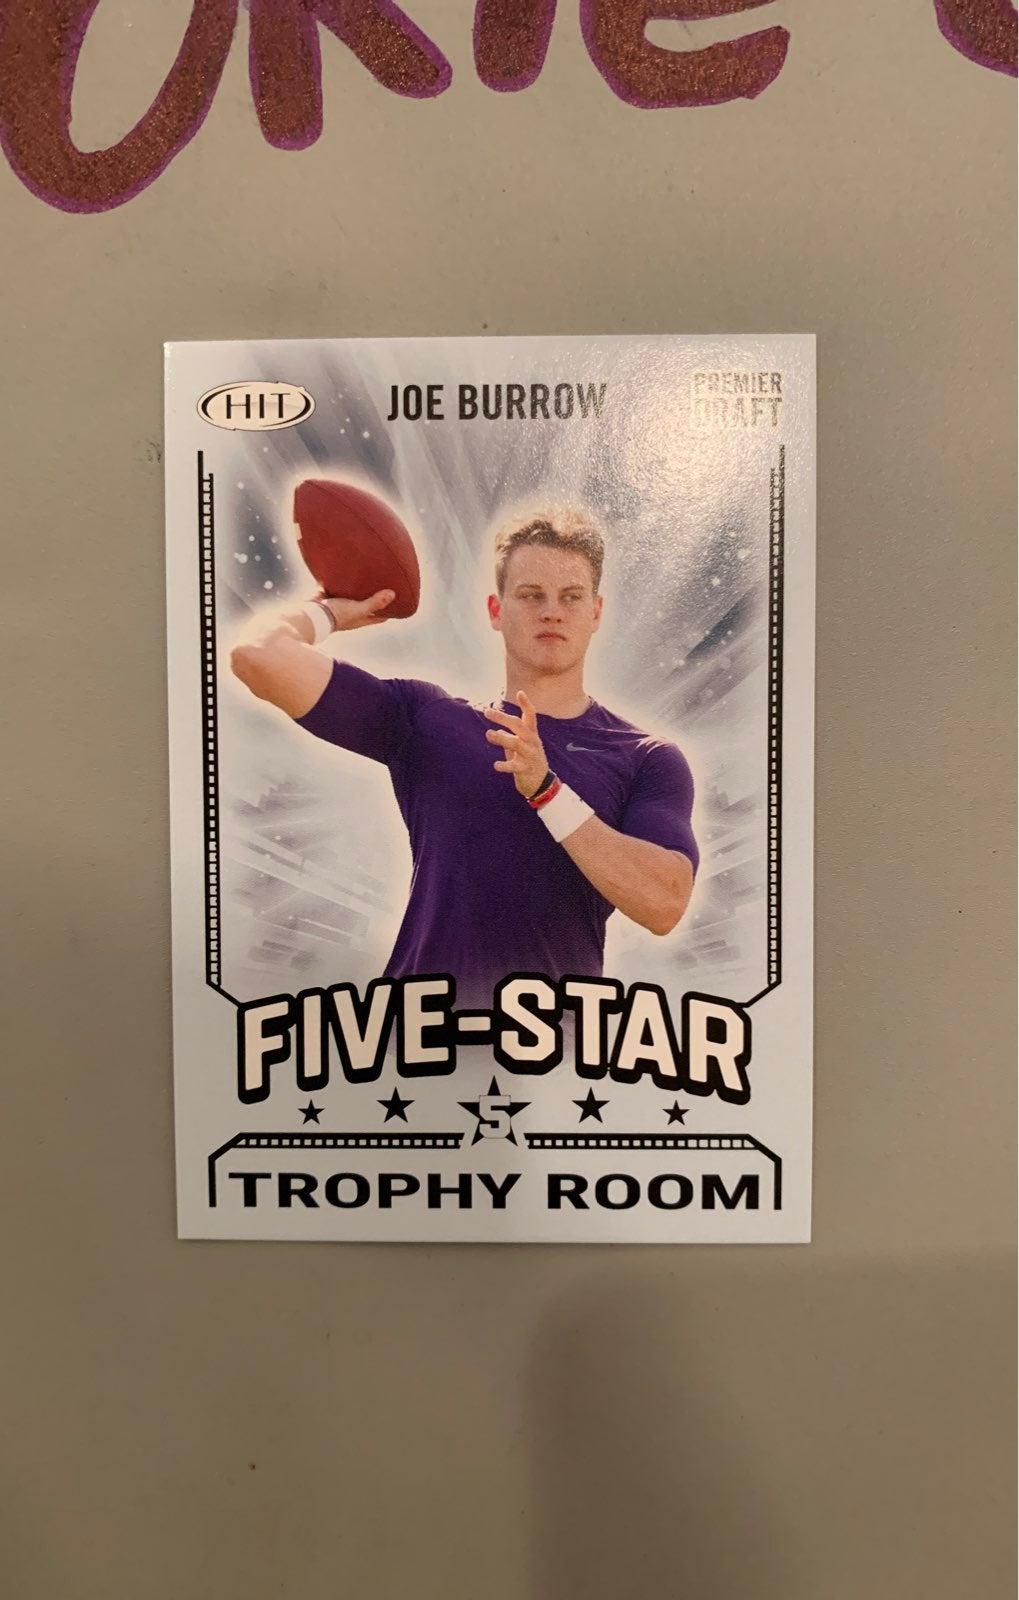 Joe burrow premier draft